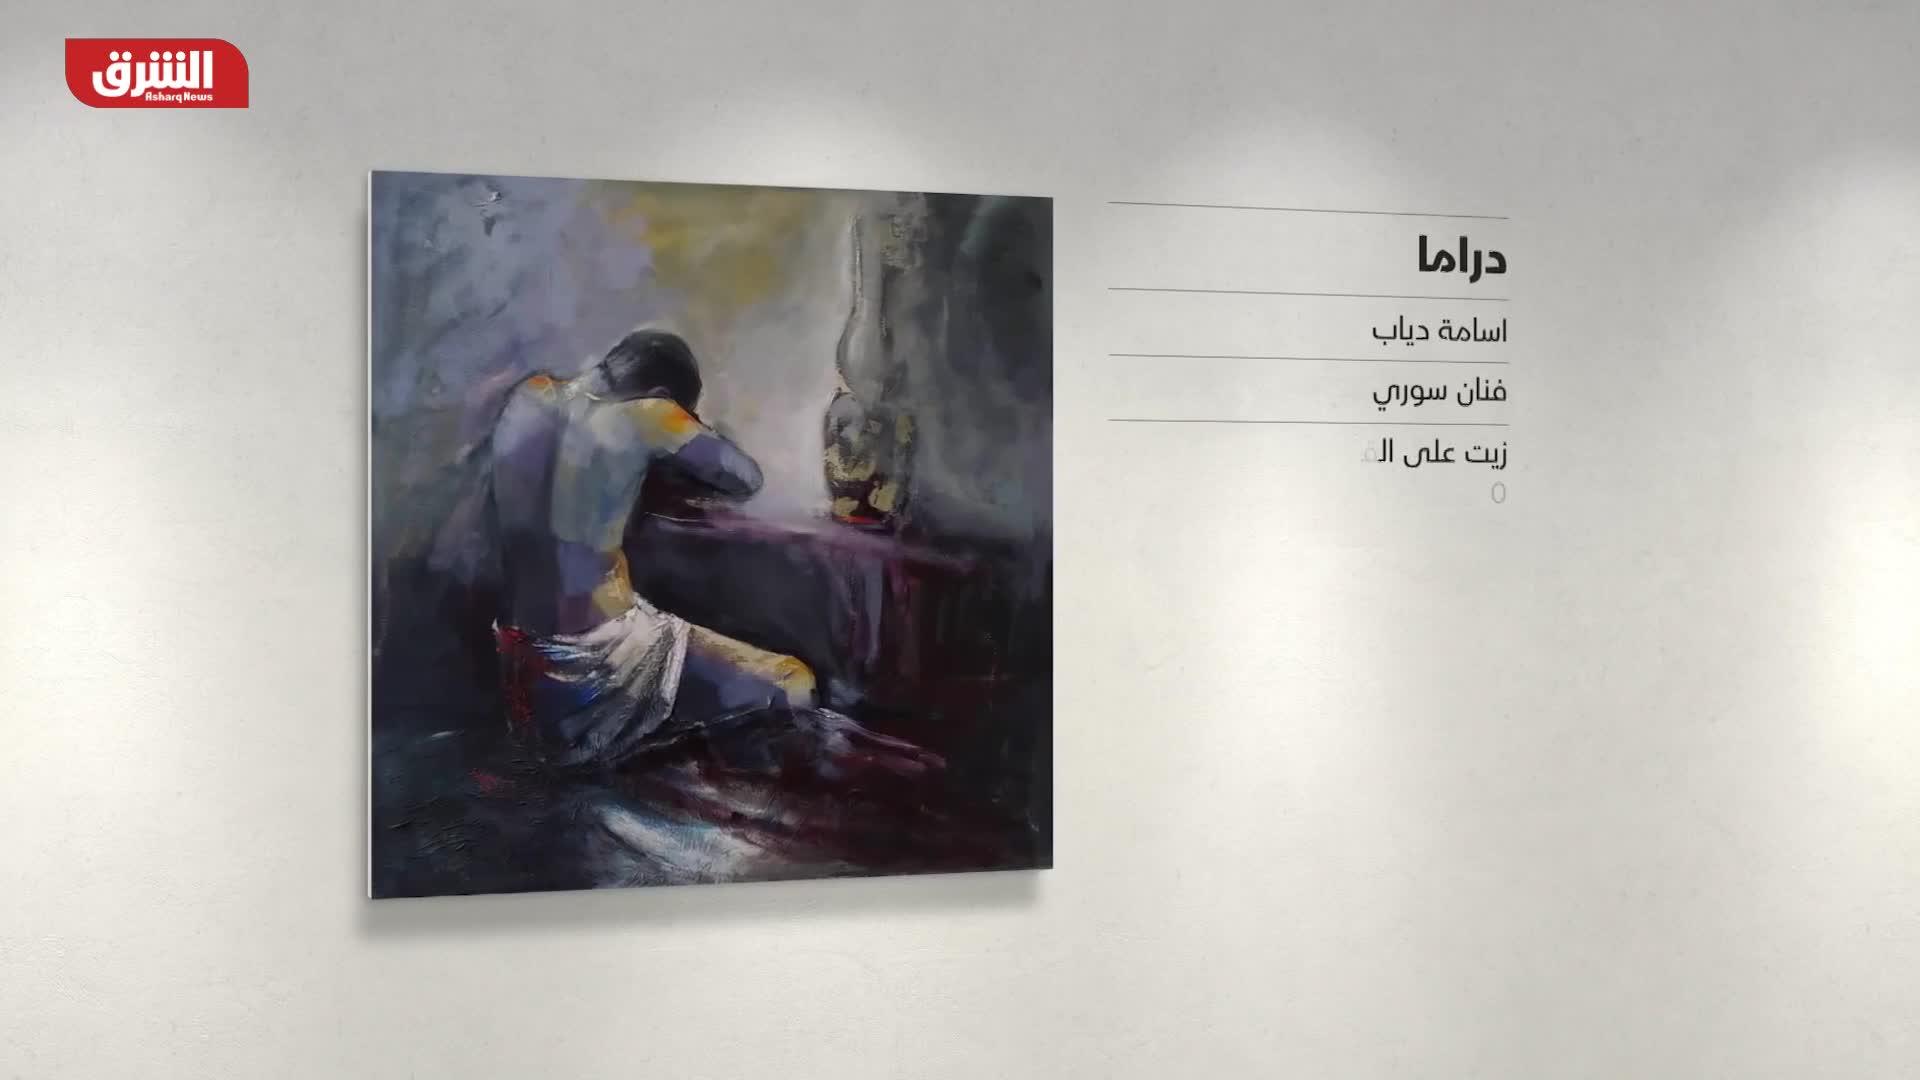 """غاليري الشرق - """"دراما"""" أسامة دياب"""